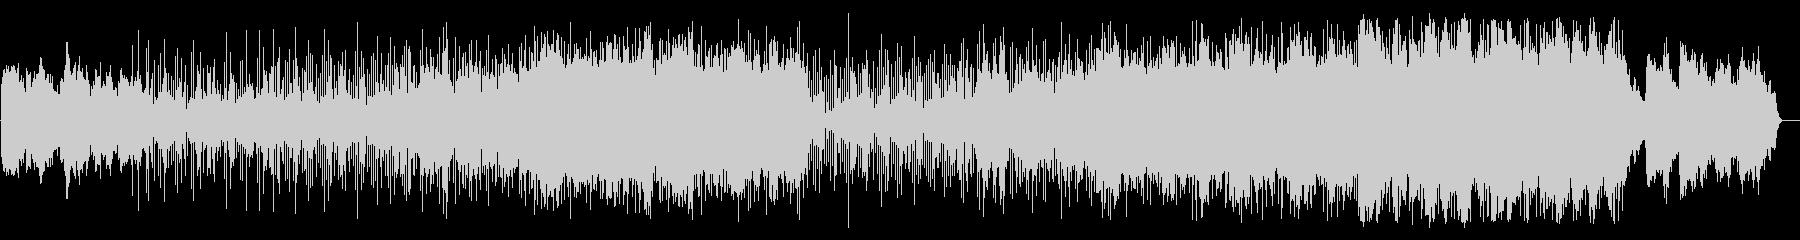 ノスタルジックバイオリンのフリーソウルの未再生の波形